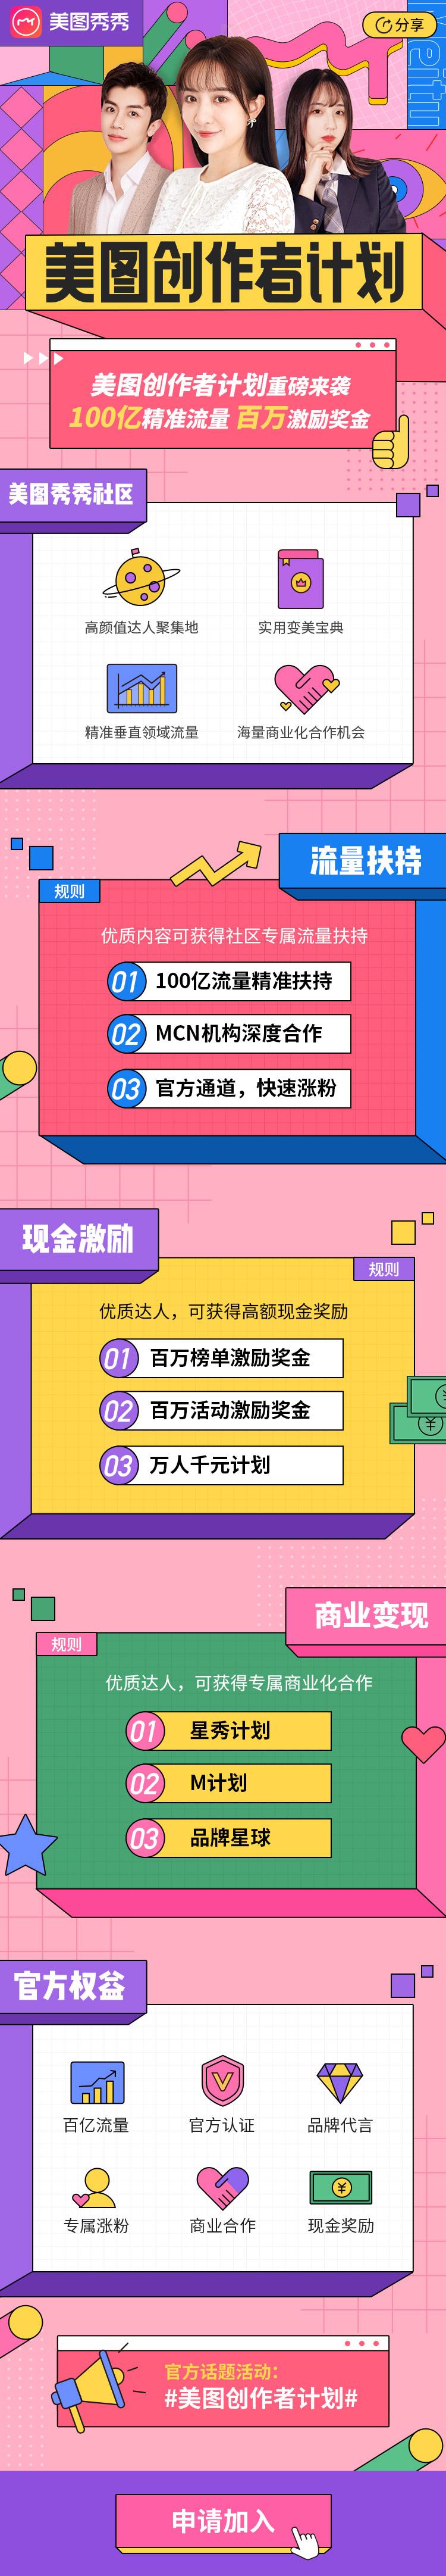 美圖推出創作者計劃 百萬獎金扶持內容創作者